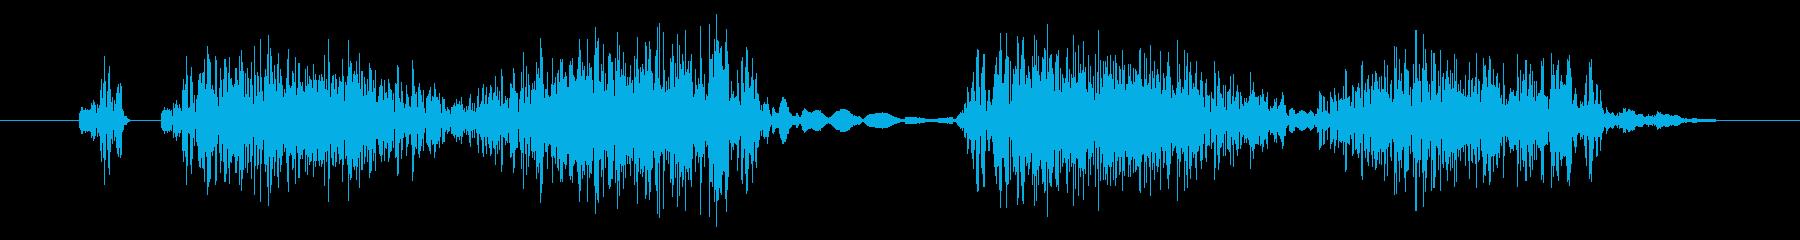 チュクチュク!DJのスクラッチ効果音!1の再生済みの波形